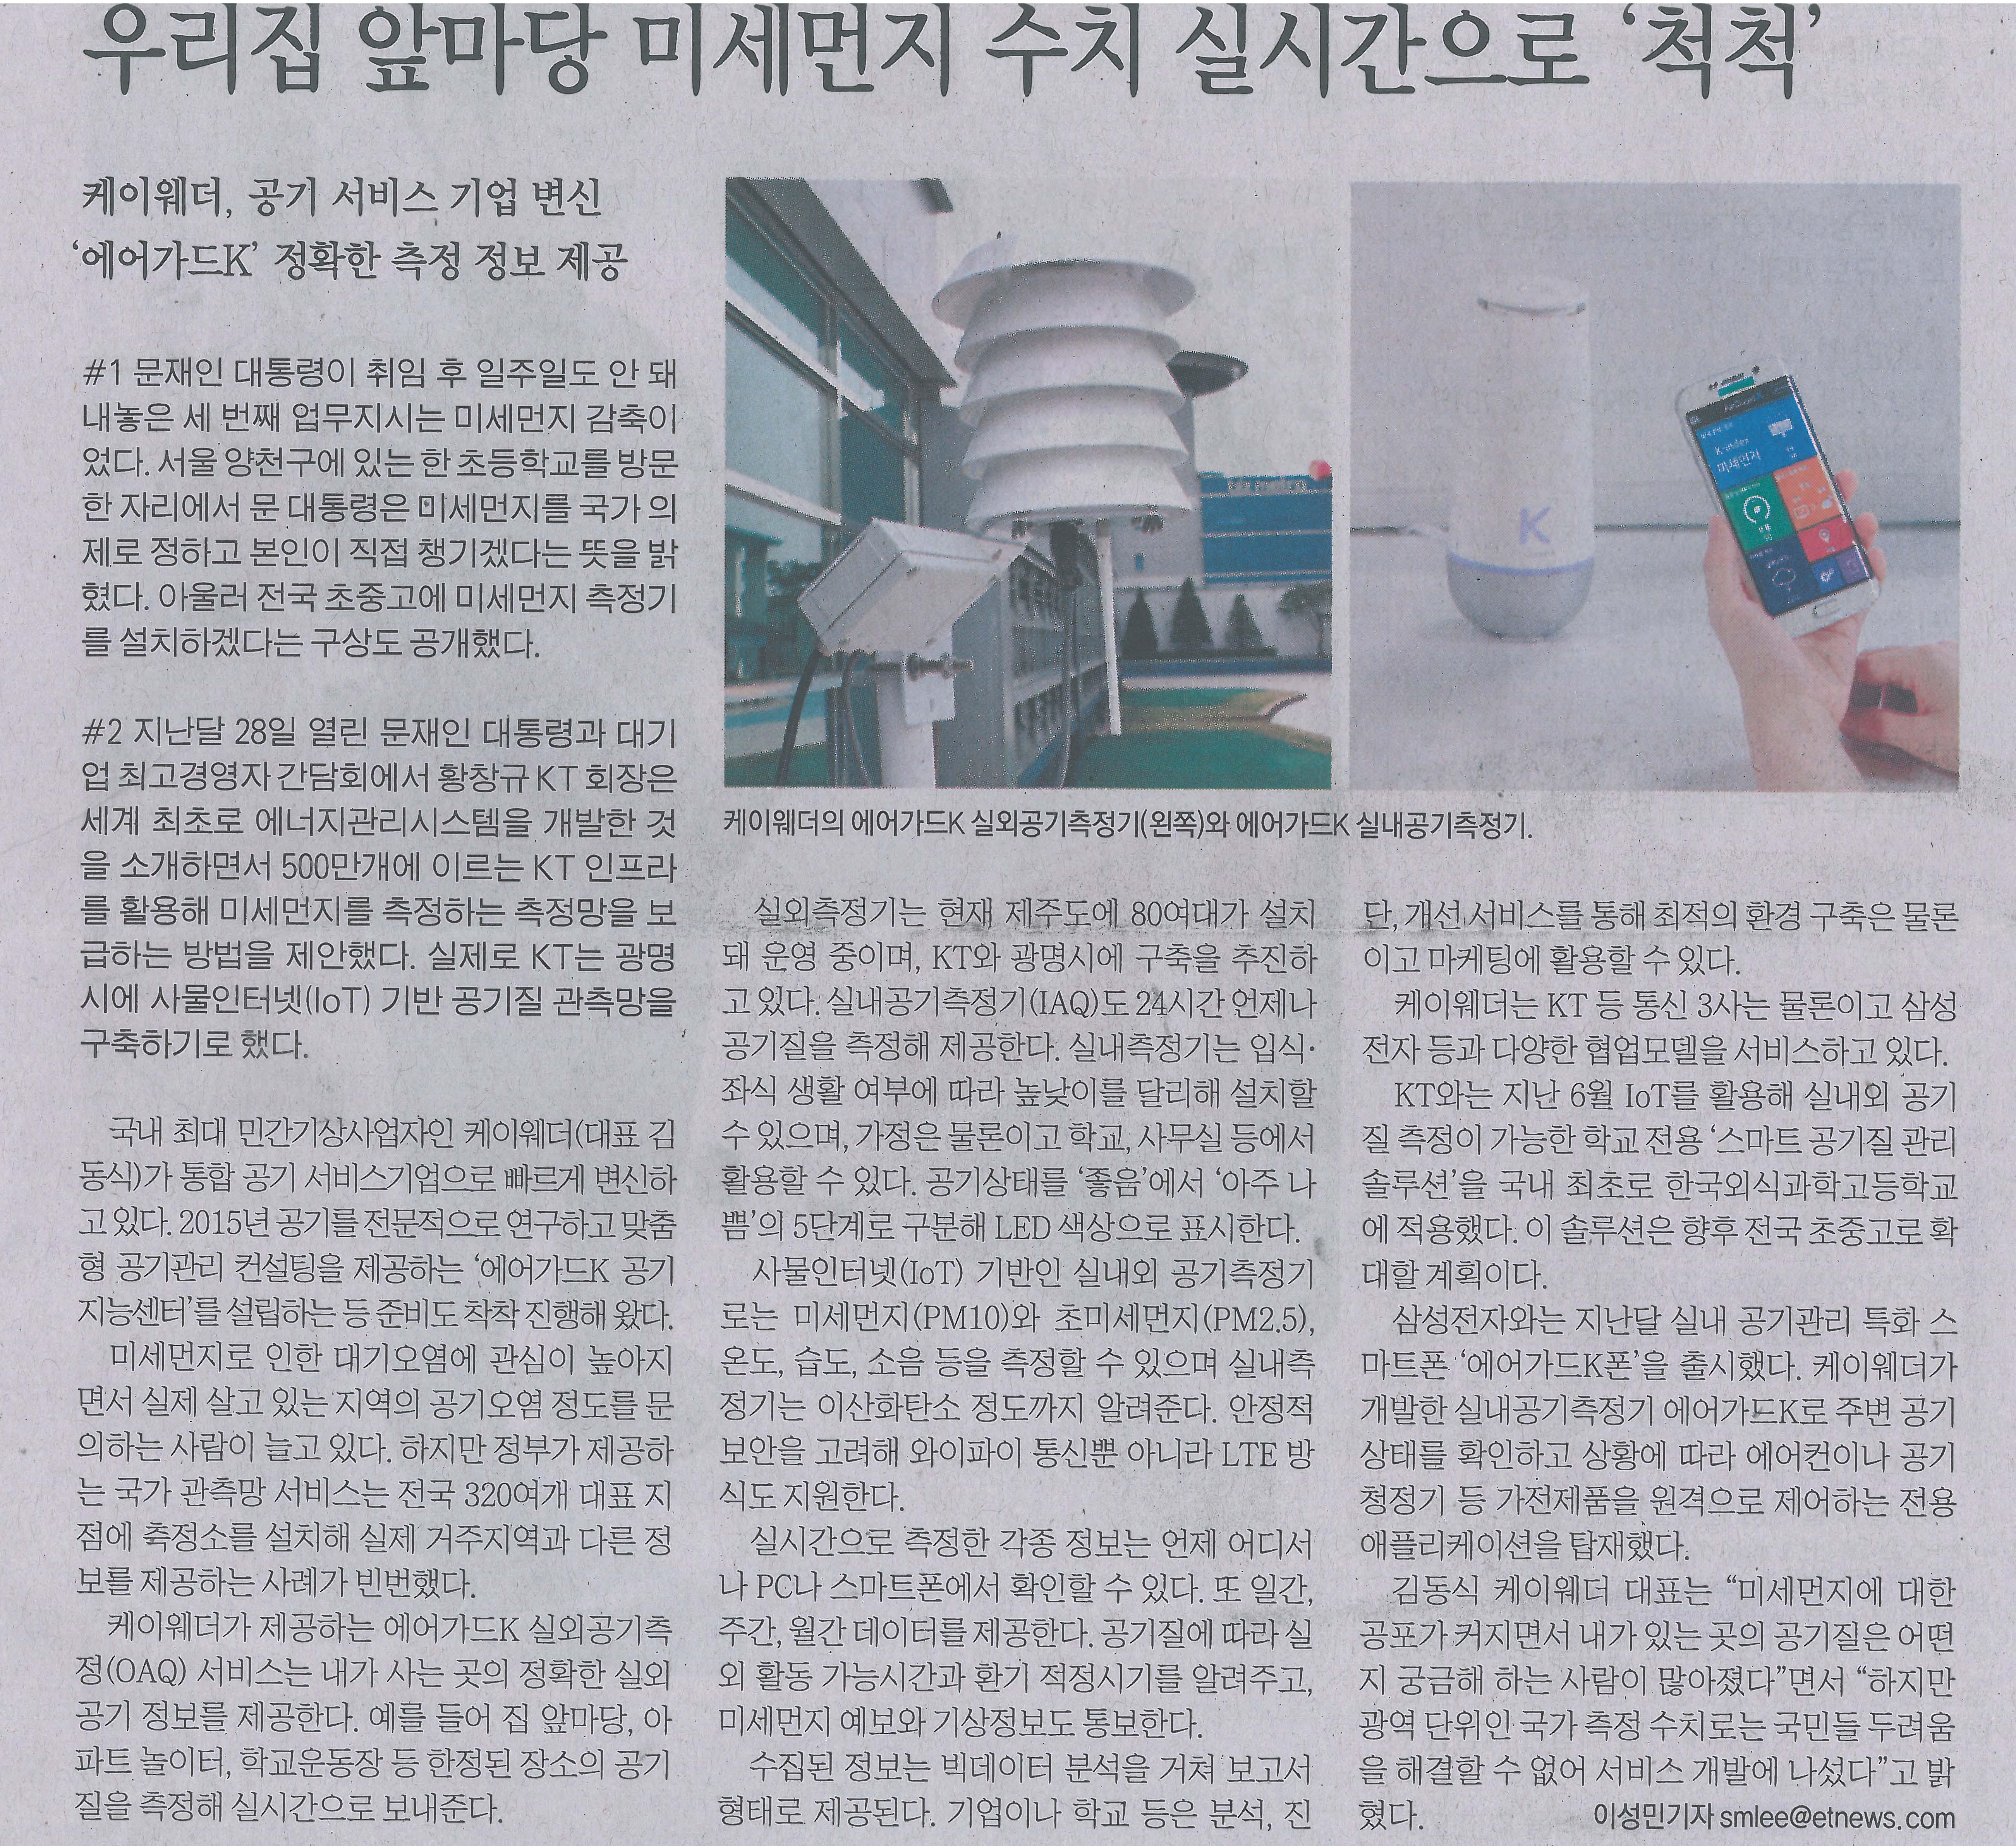 [보도자료]우리집앞마당미세먼지수치실시간으로척척